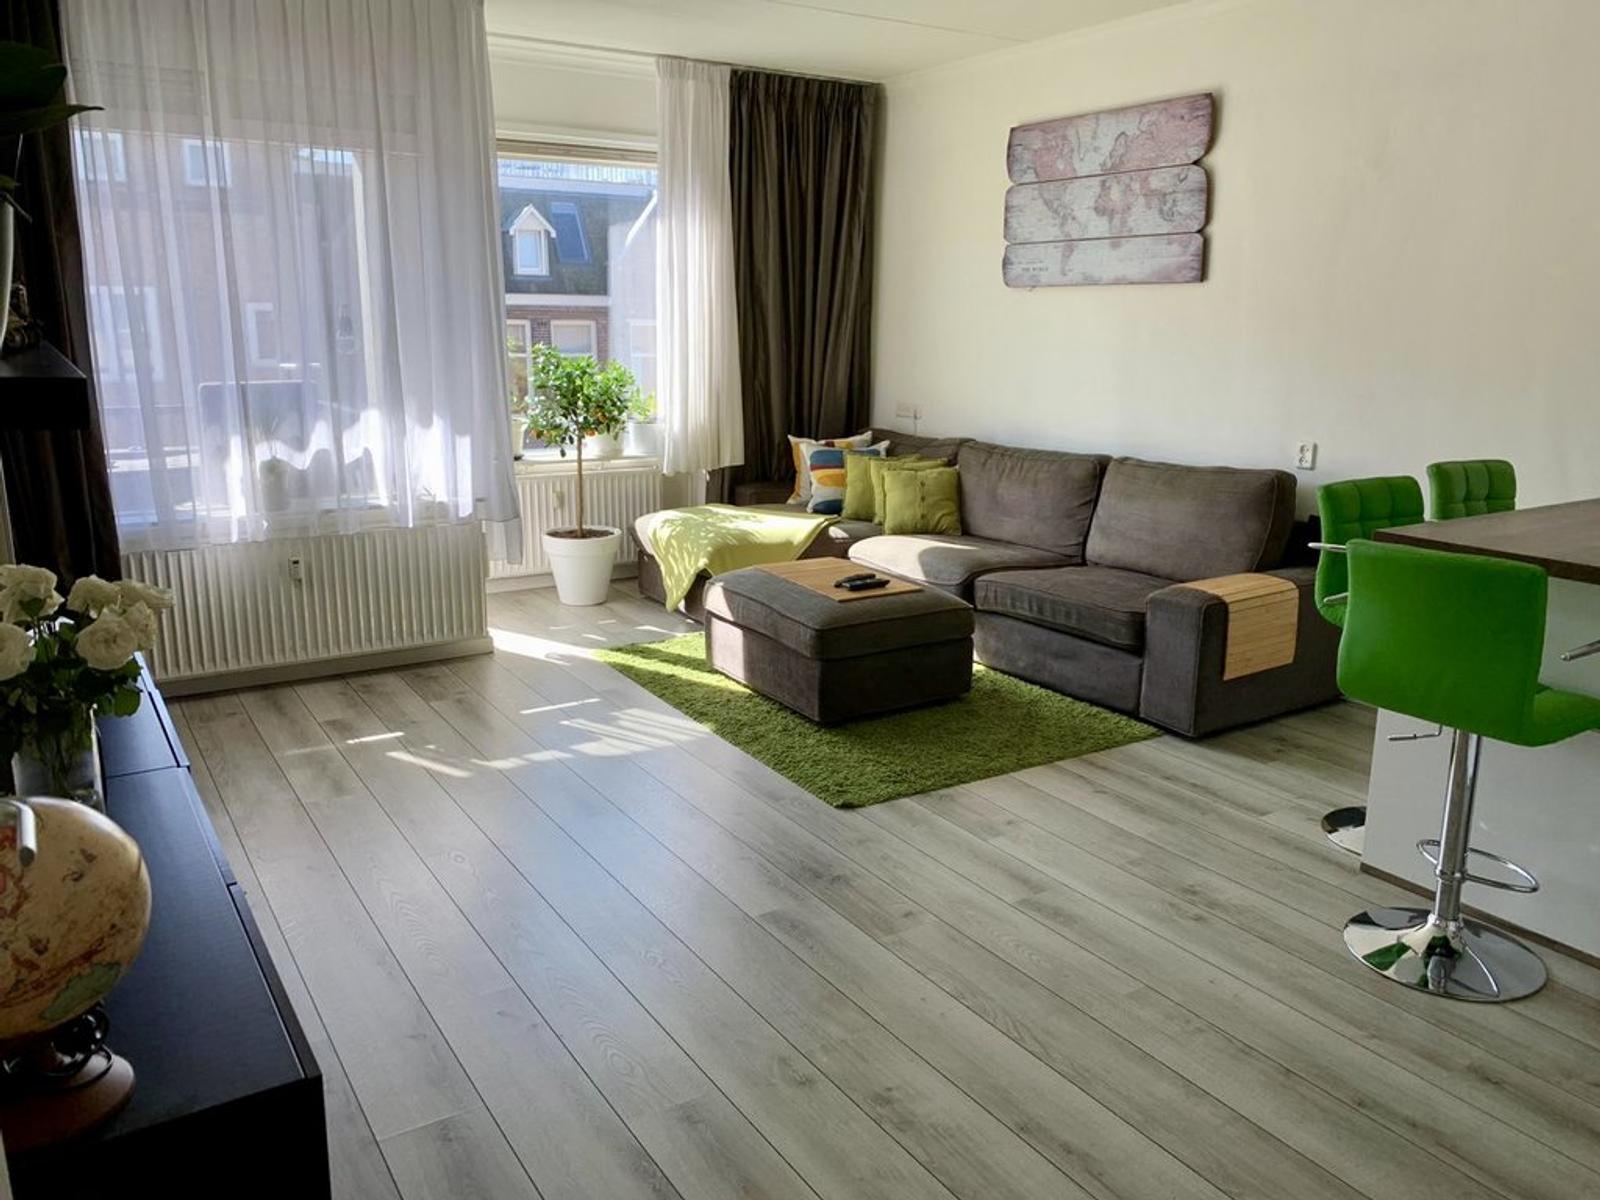 Andreas Schelfhoutstraat 38